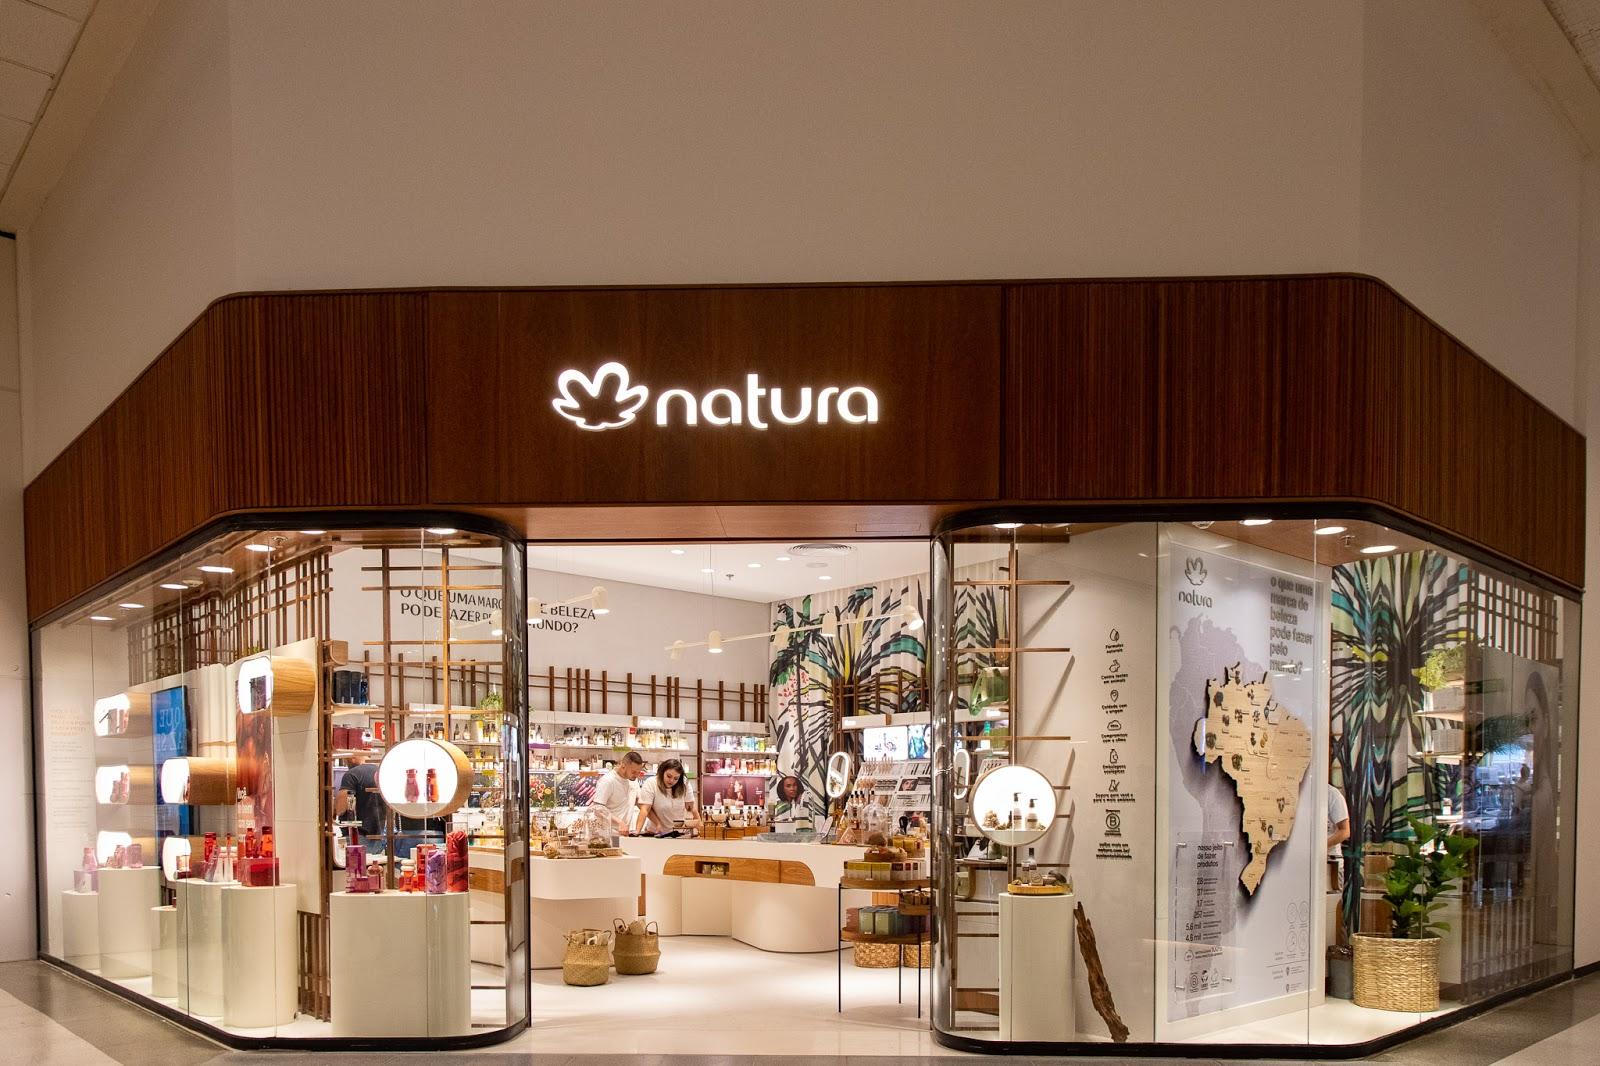 Natura inaugura seu novo conceito de loja própria no Conjunto Nacional